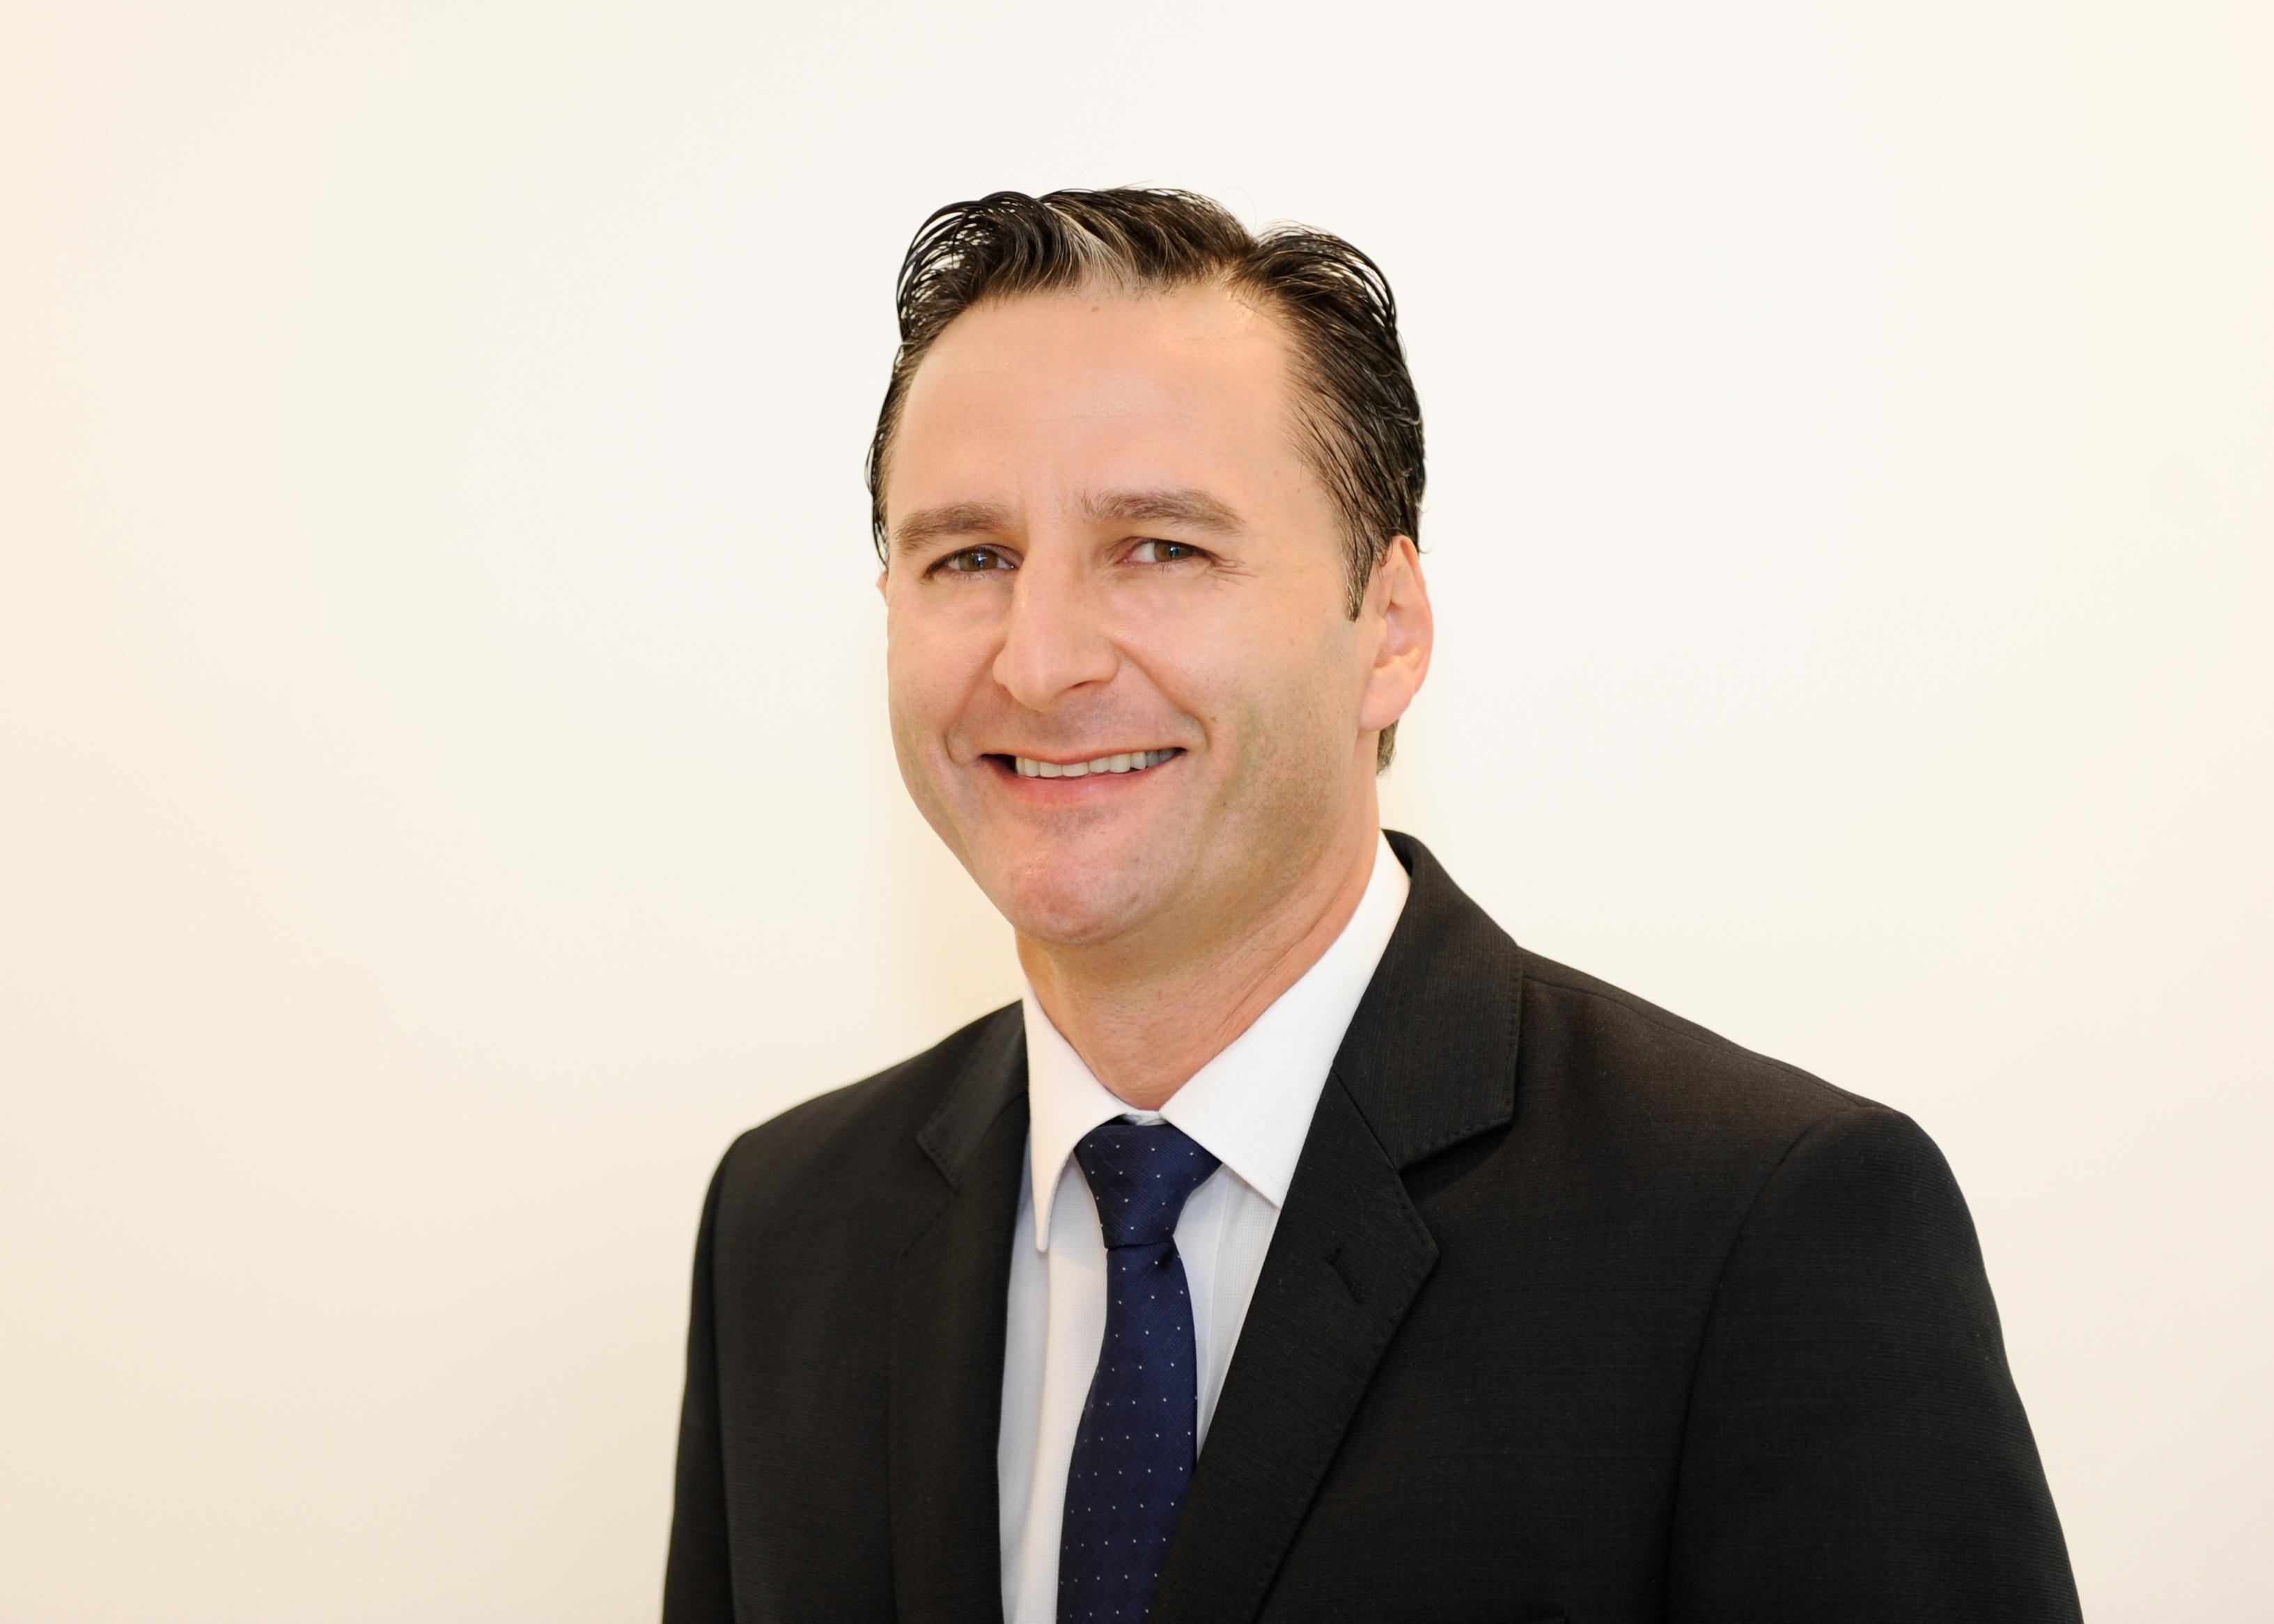 Nombrado nuevo director asociado de la Red de Educación Adventista  Noticias